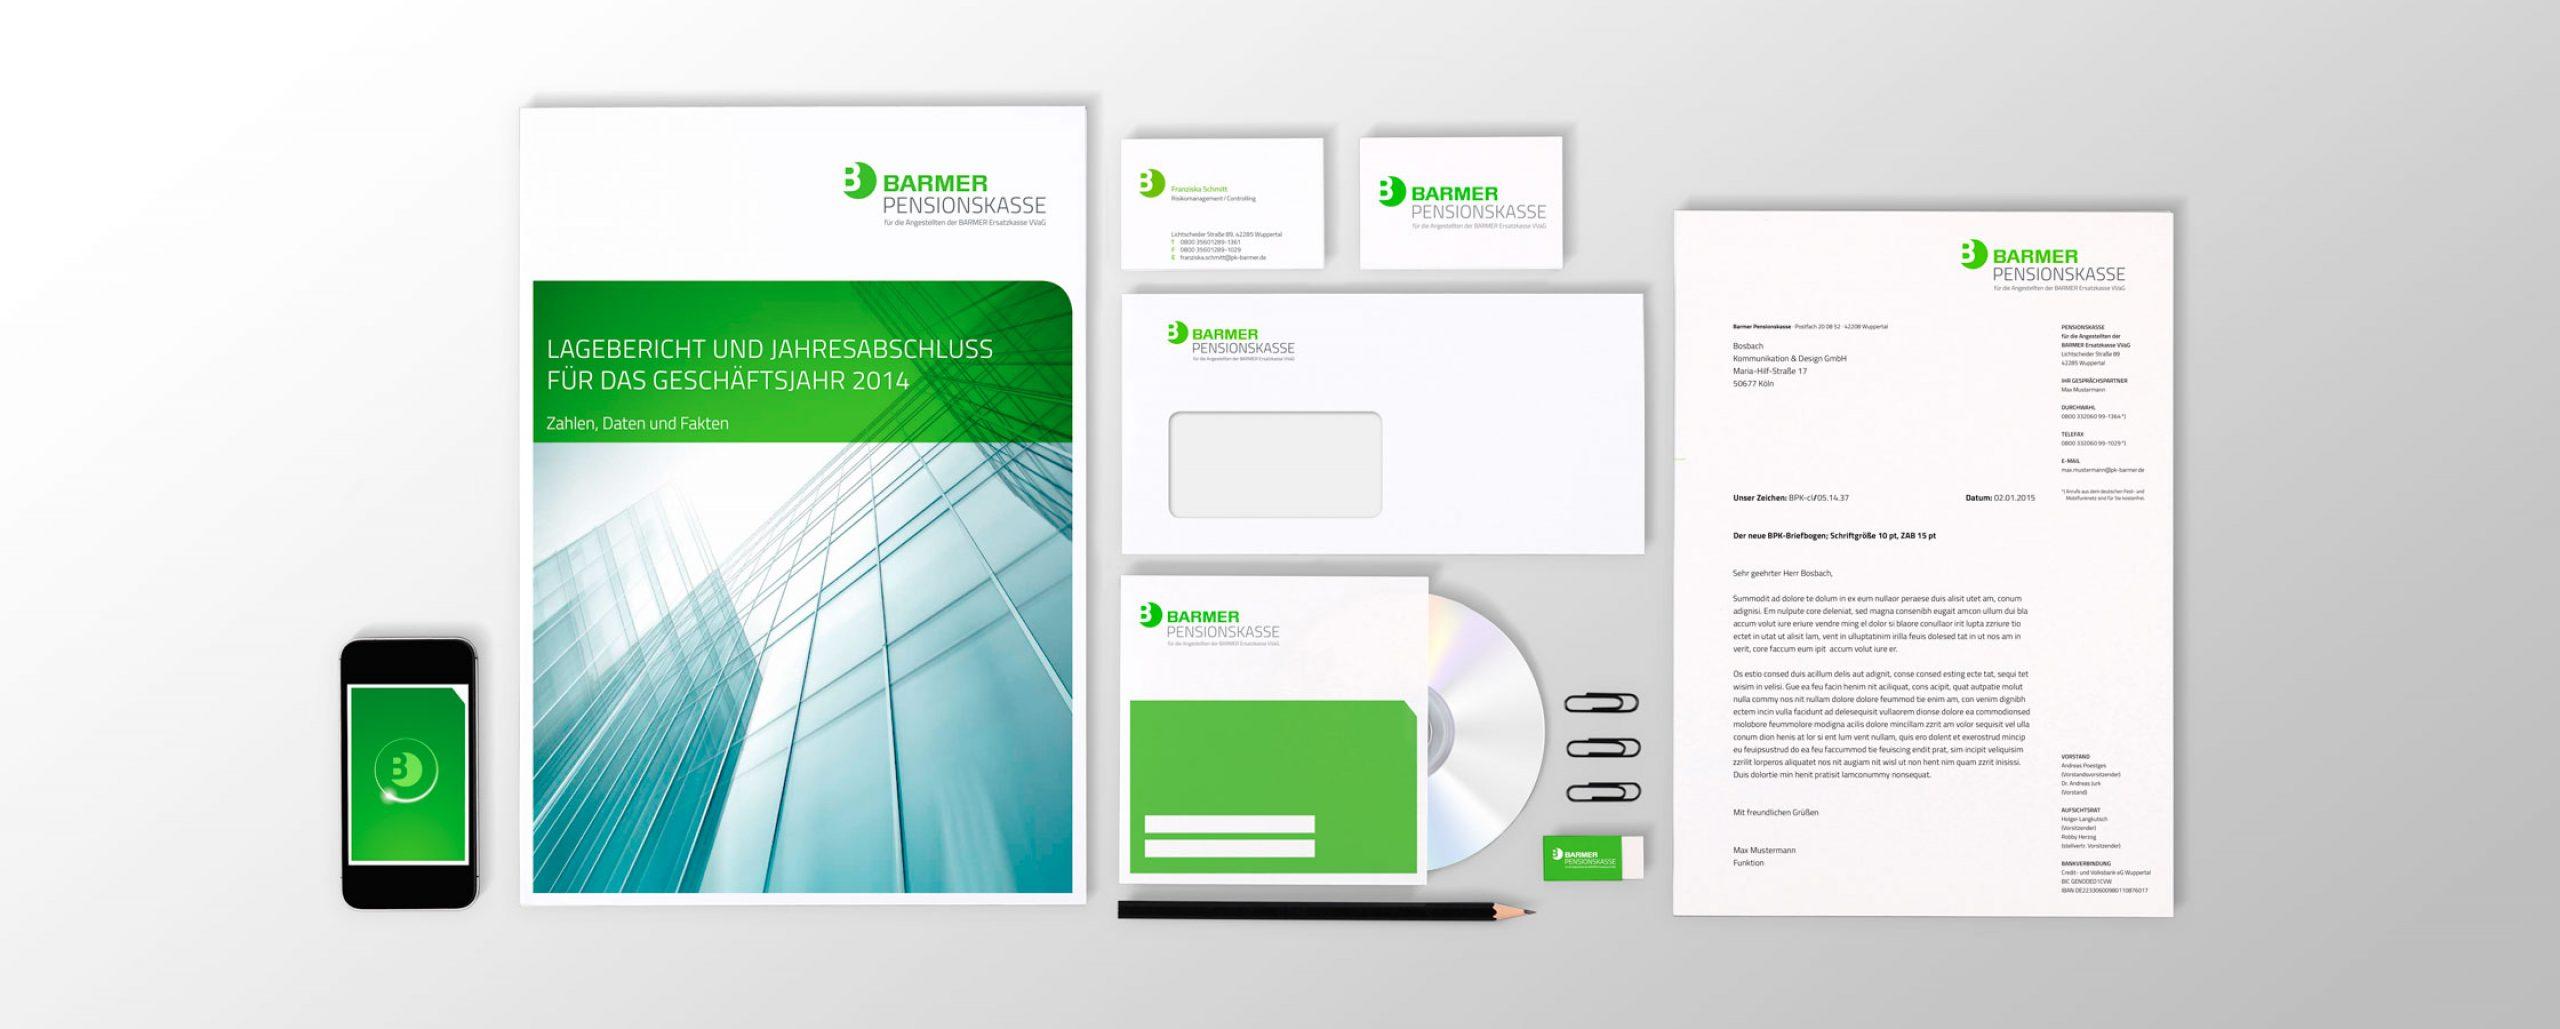 Barmer Pensionskasse: Corporate Design-Entwicklung von Bosbach